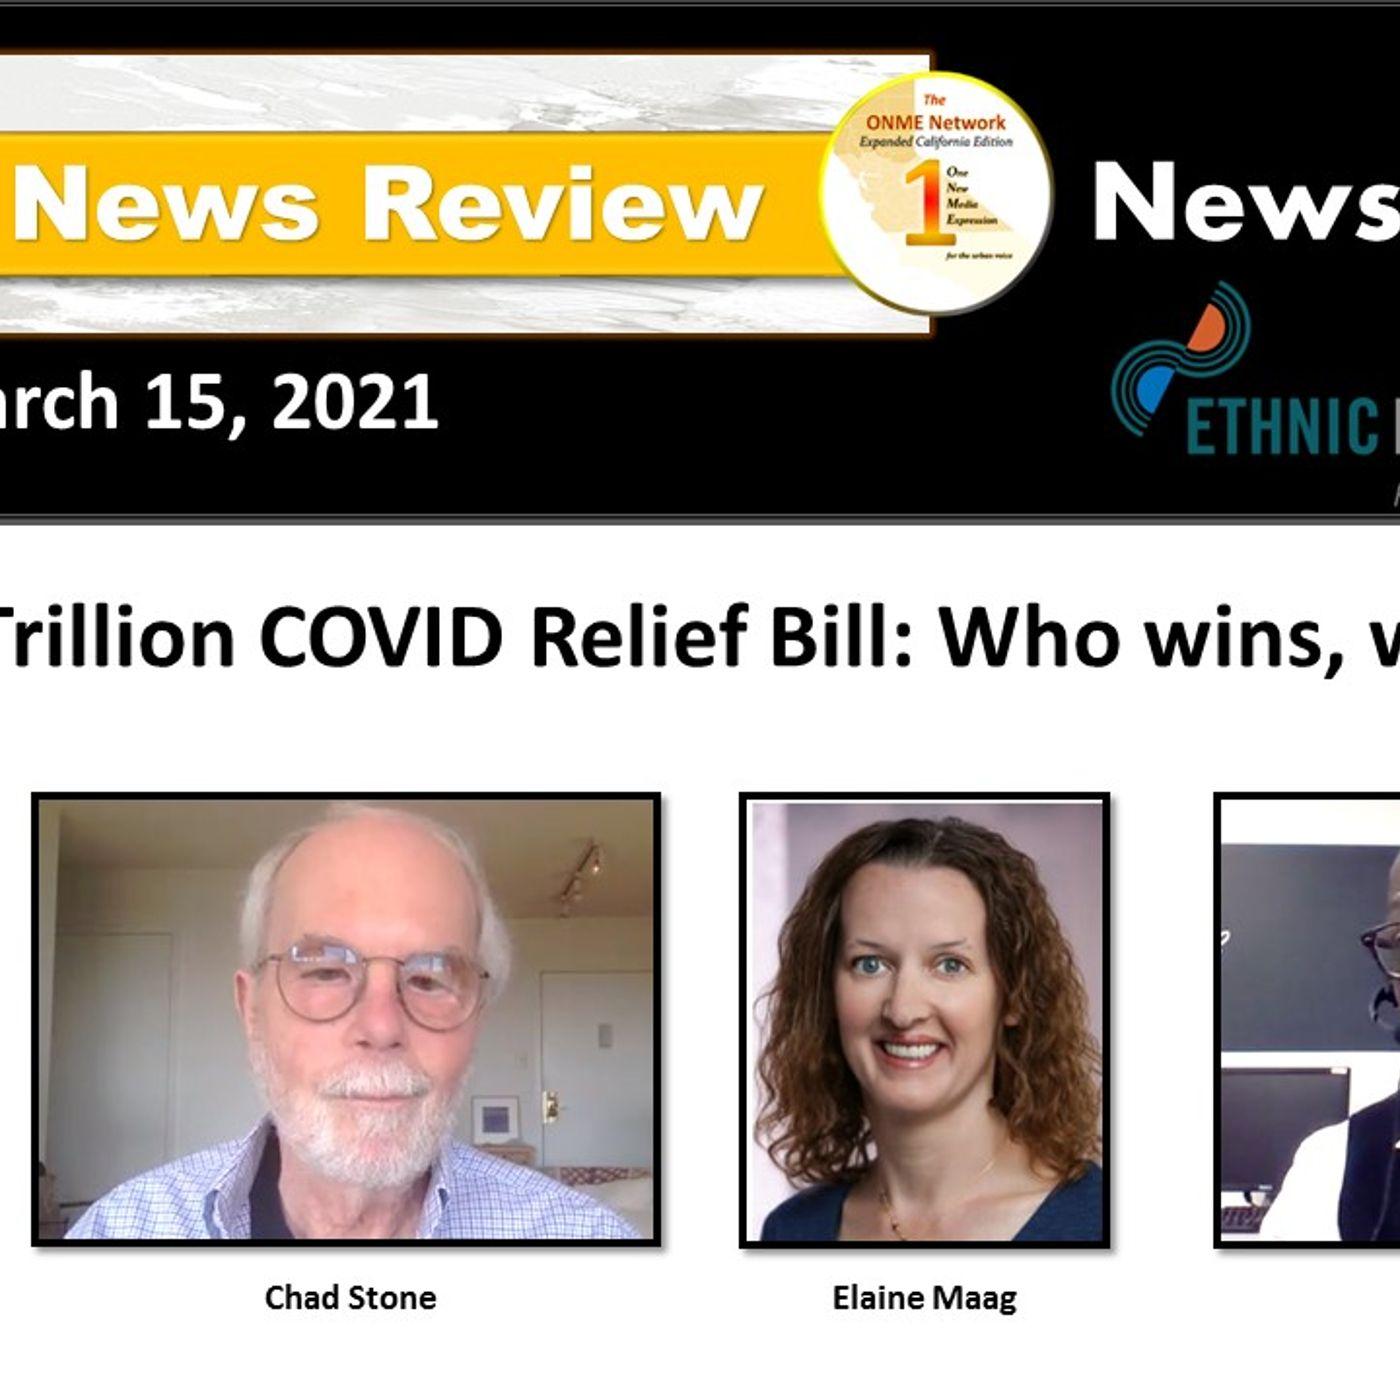 (3-15-21) The $1.9 Trillion COVID Relief Bill: Who wins, who loses?